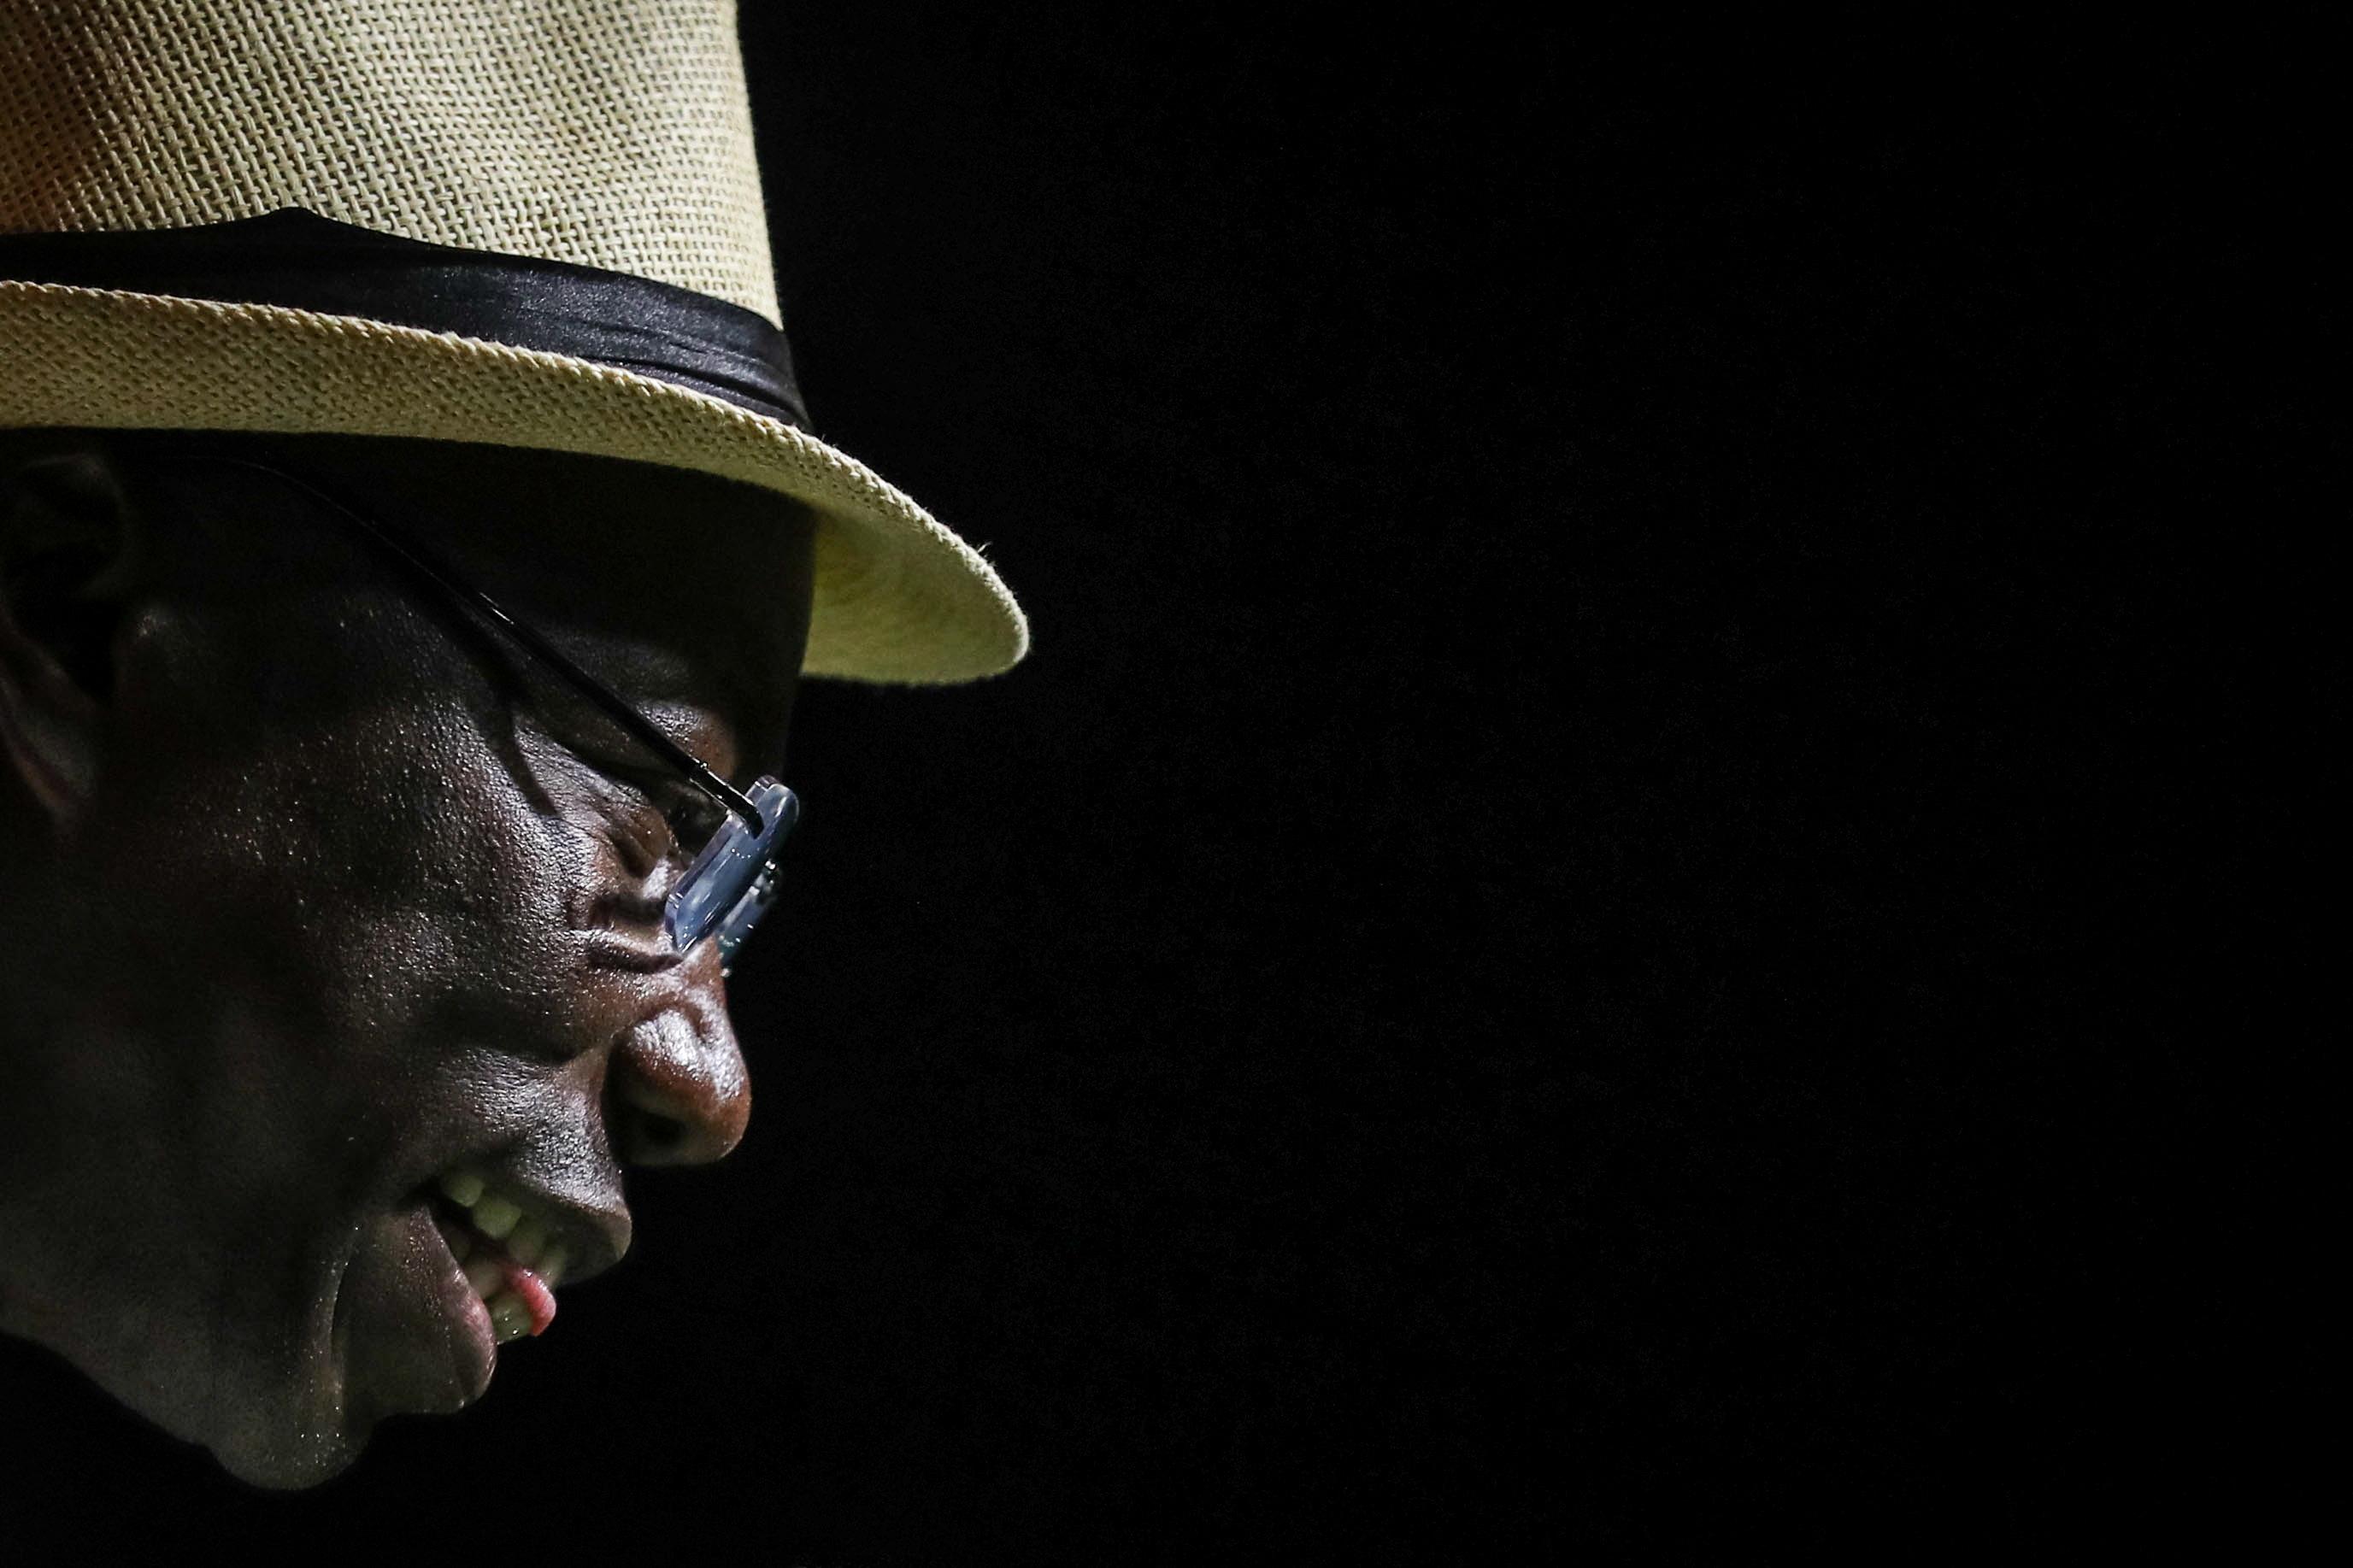 Comunidade internacional aguarda pela decisão dos guineenses -- Domingos Simões Pereira